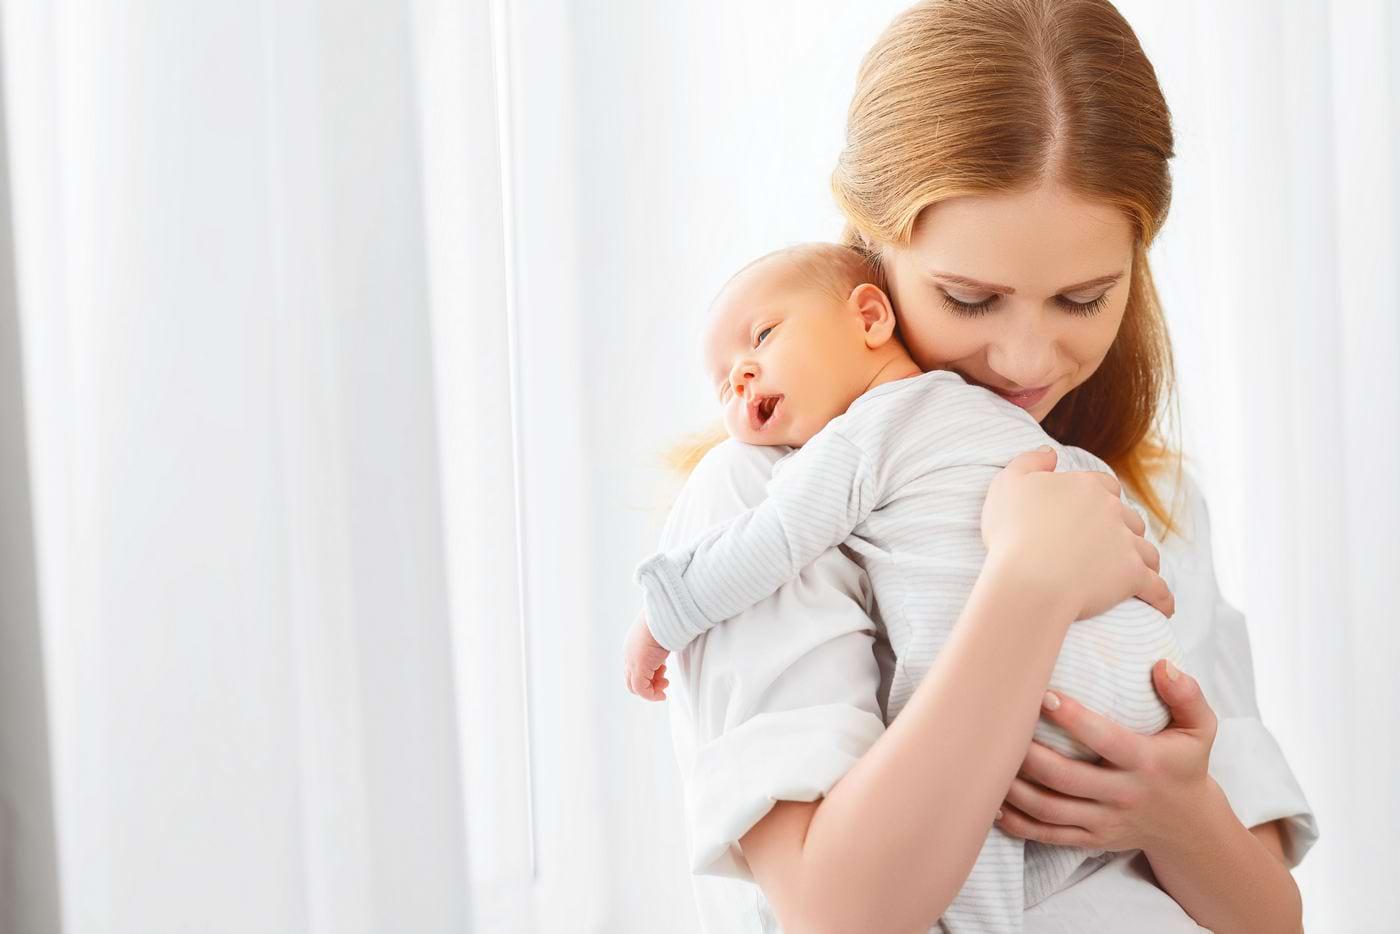 Greutatea mică la naștere, factor de risc pentru bolile de inimă [studiu]